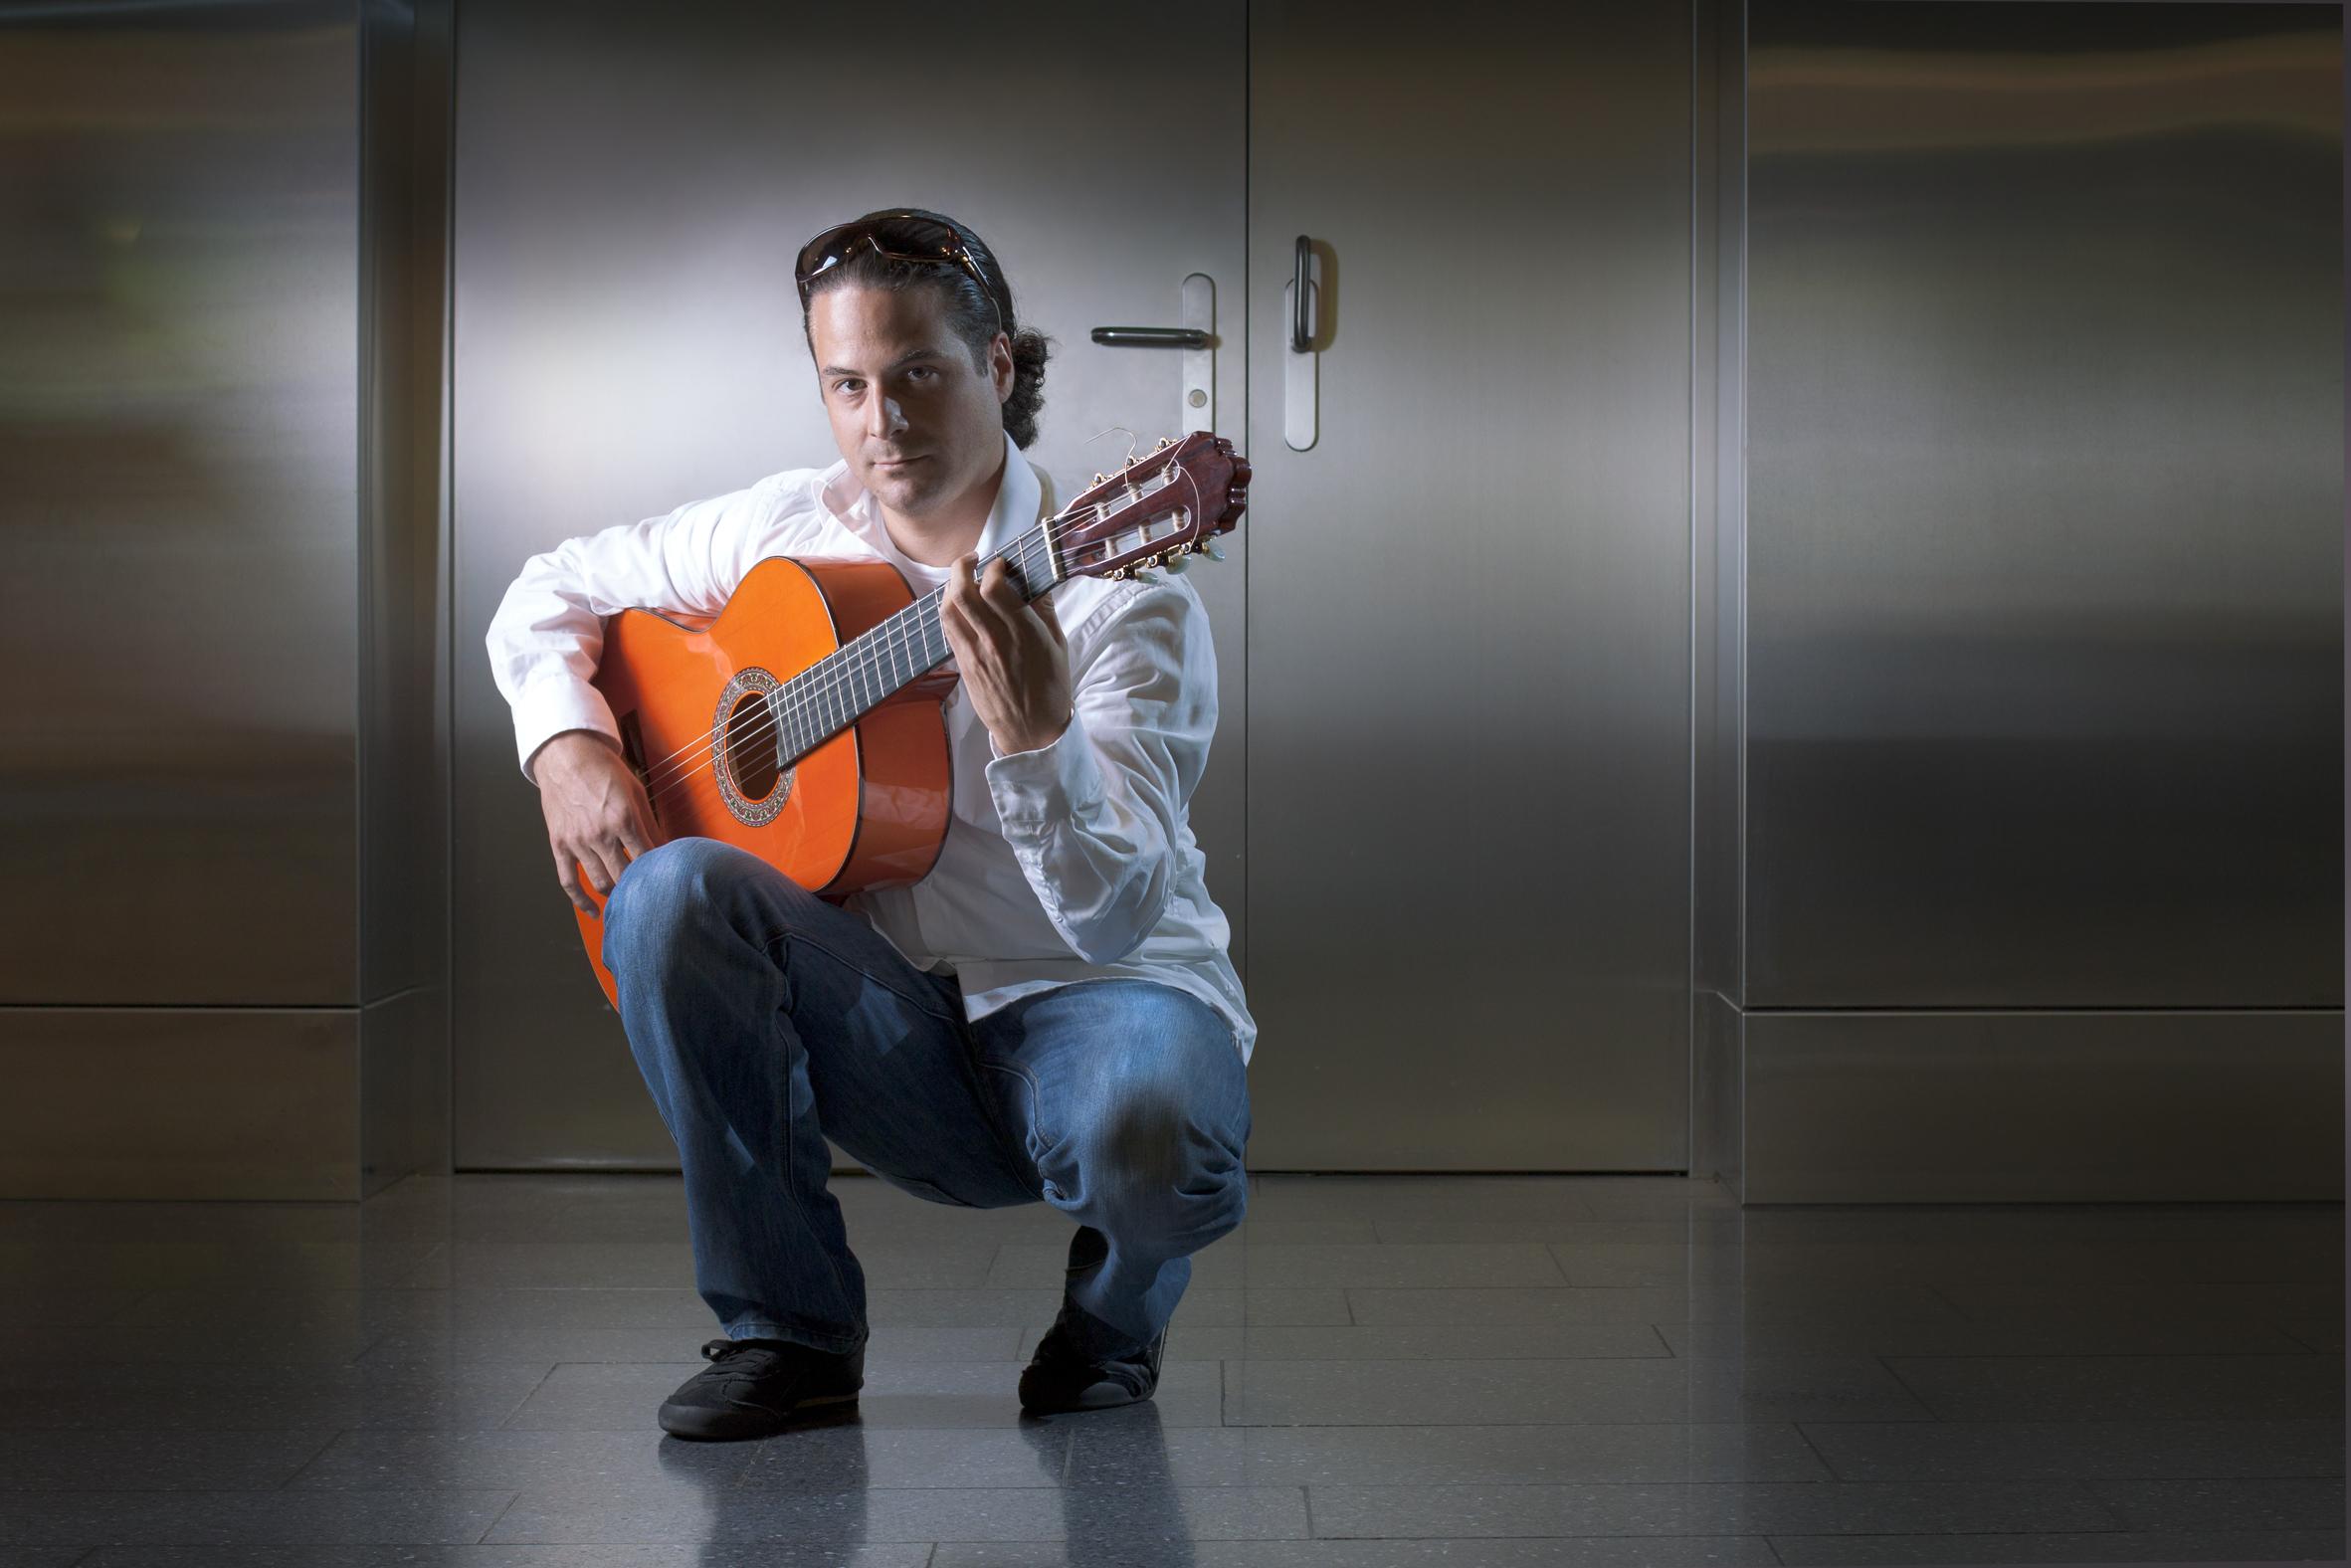 приготовлению картинки мужики с гитарой разные каждая